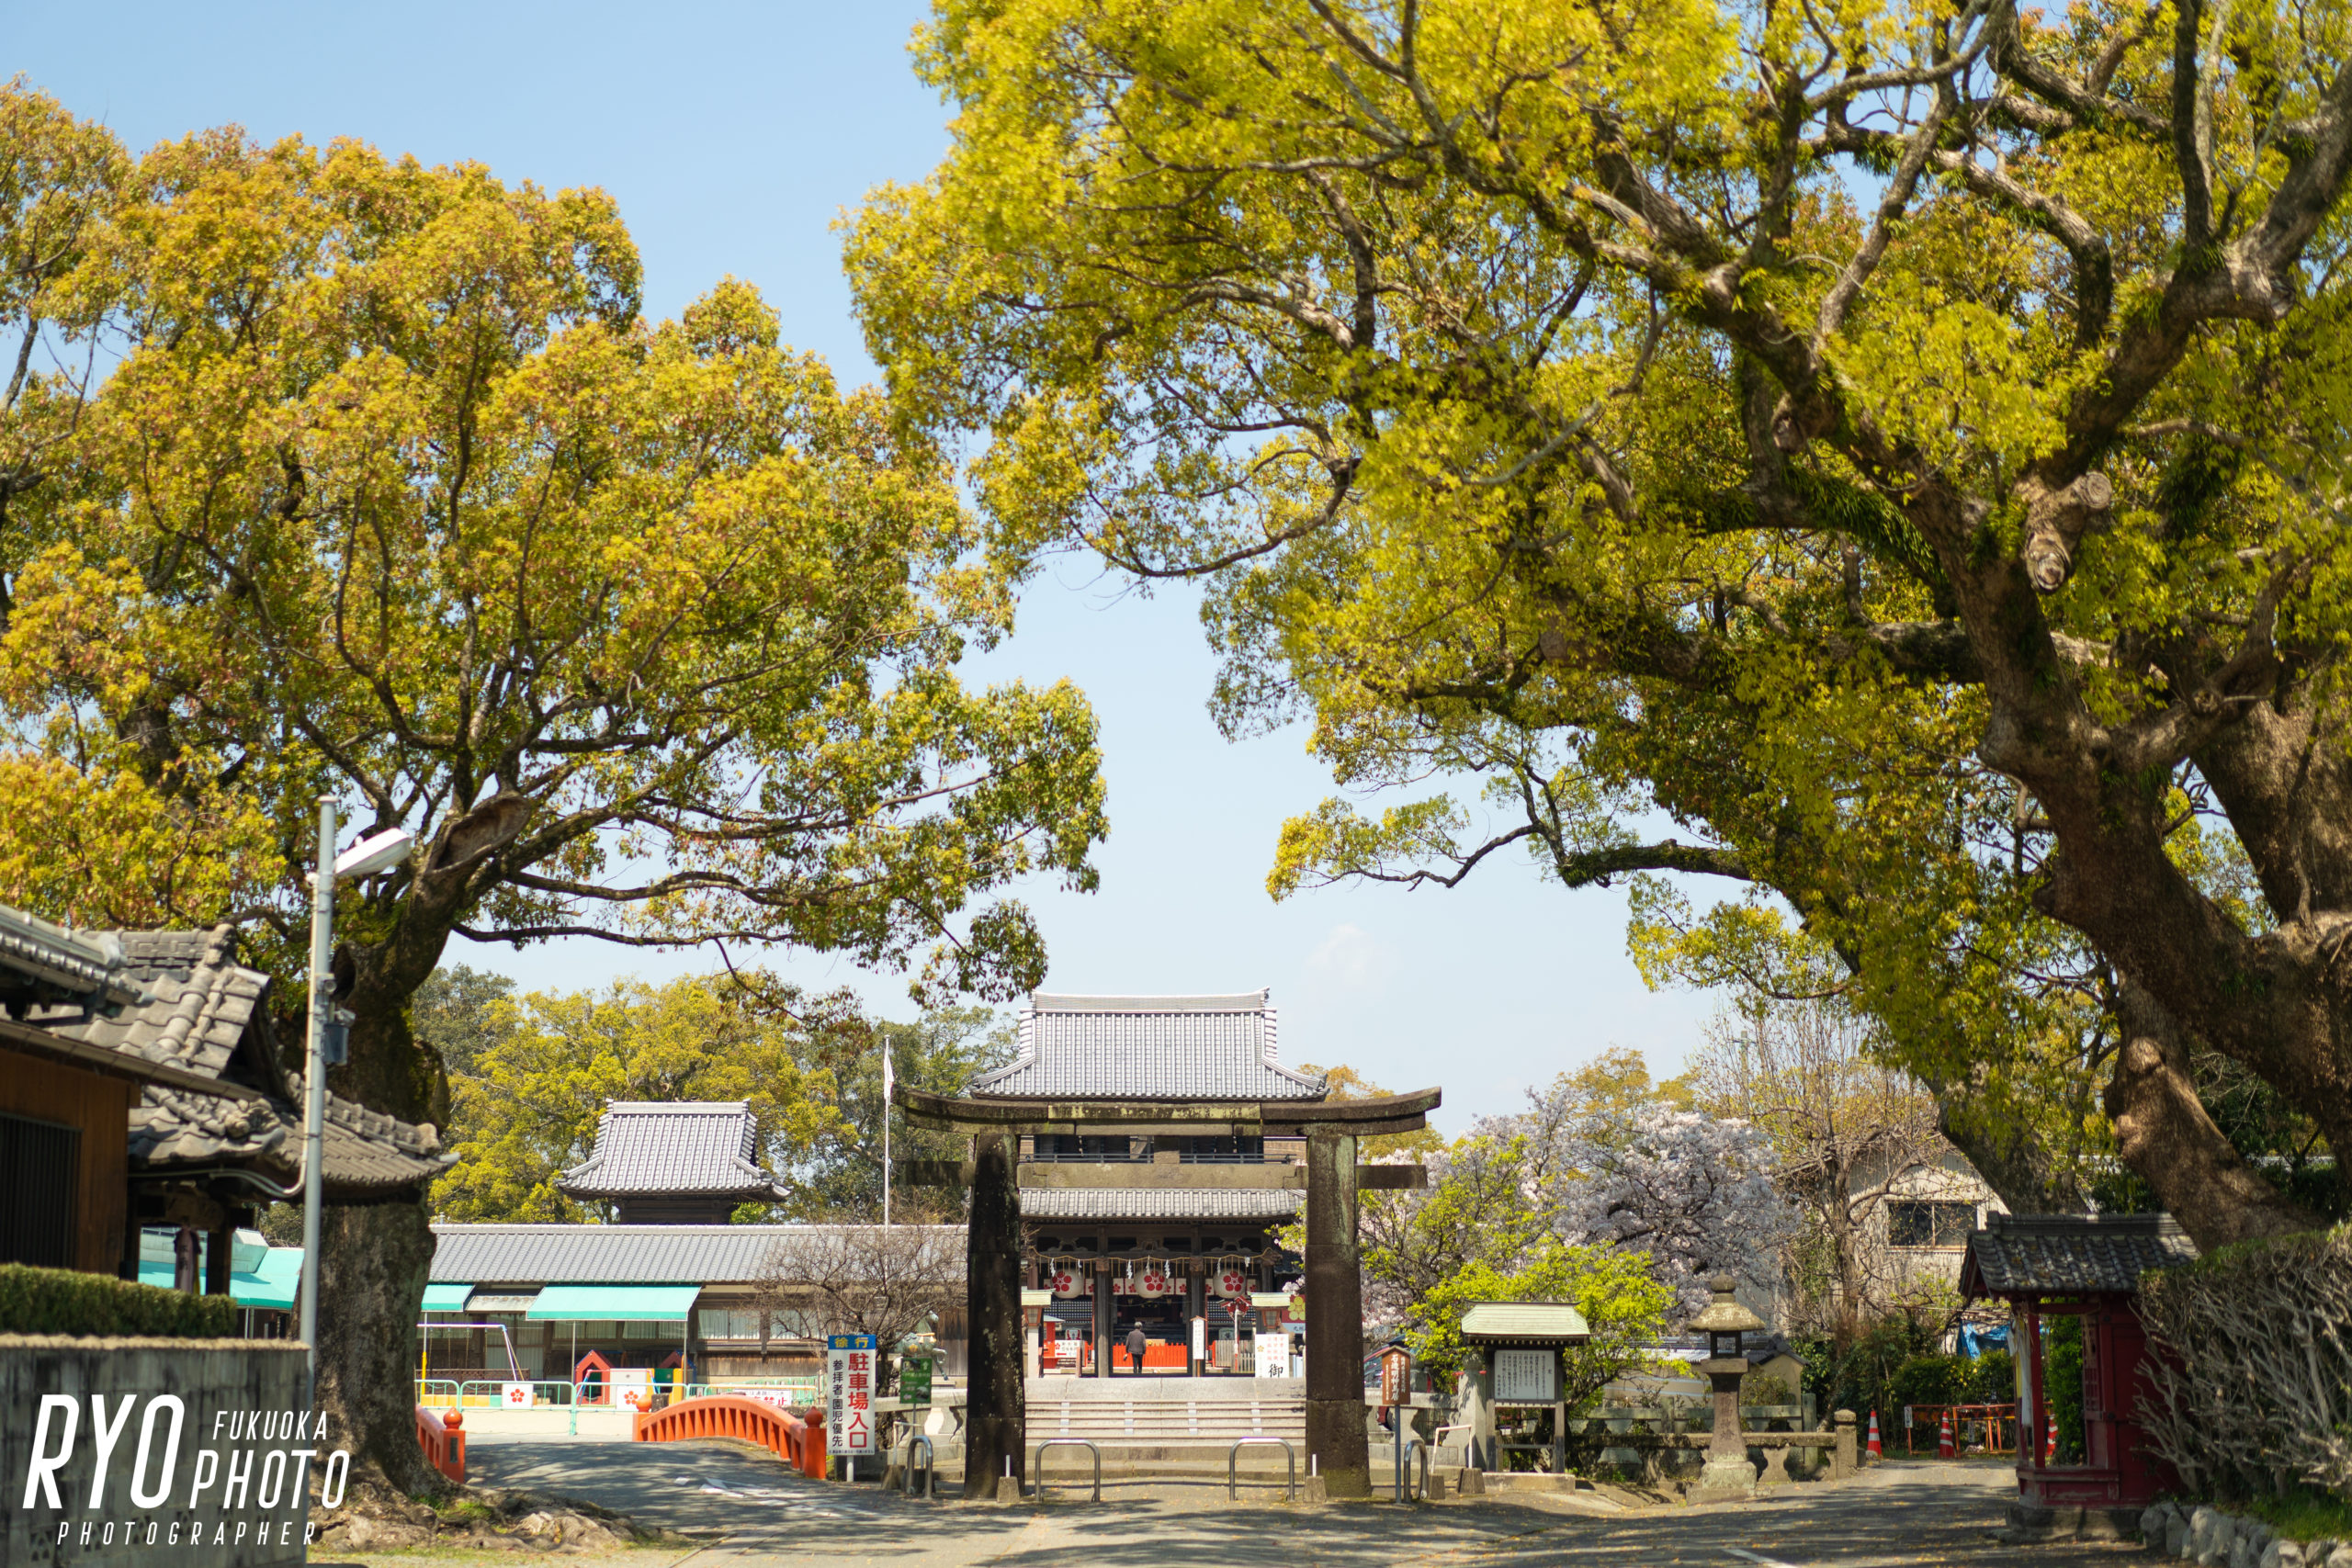 福岡の出張撮影サービス「RYO PHOTO(リョウフォト)」の出張カメラマン山口が福岡で出張撮影したお宮参りの写真